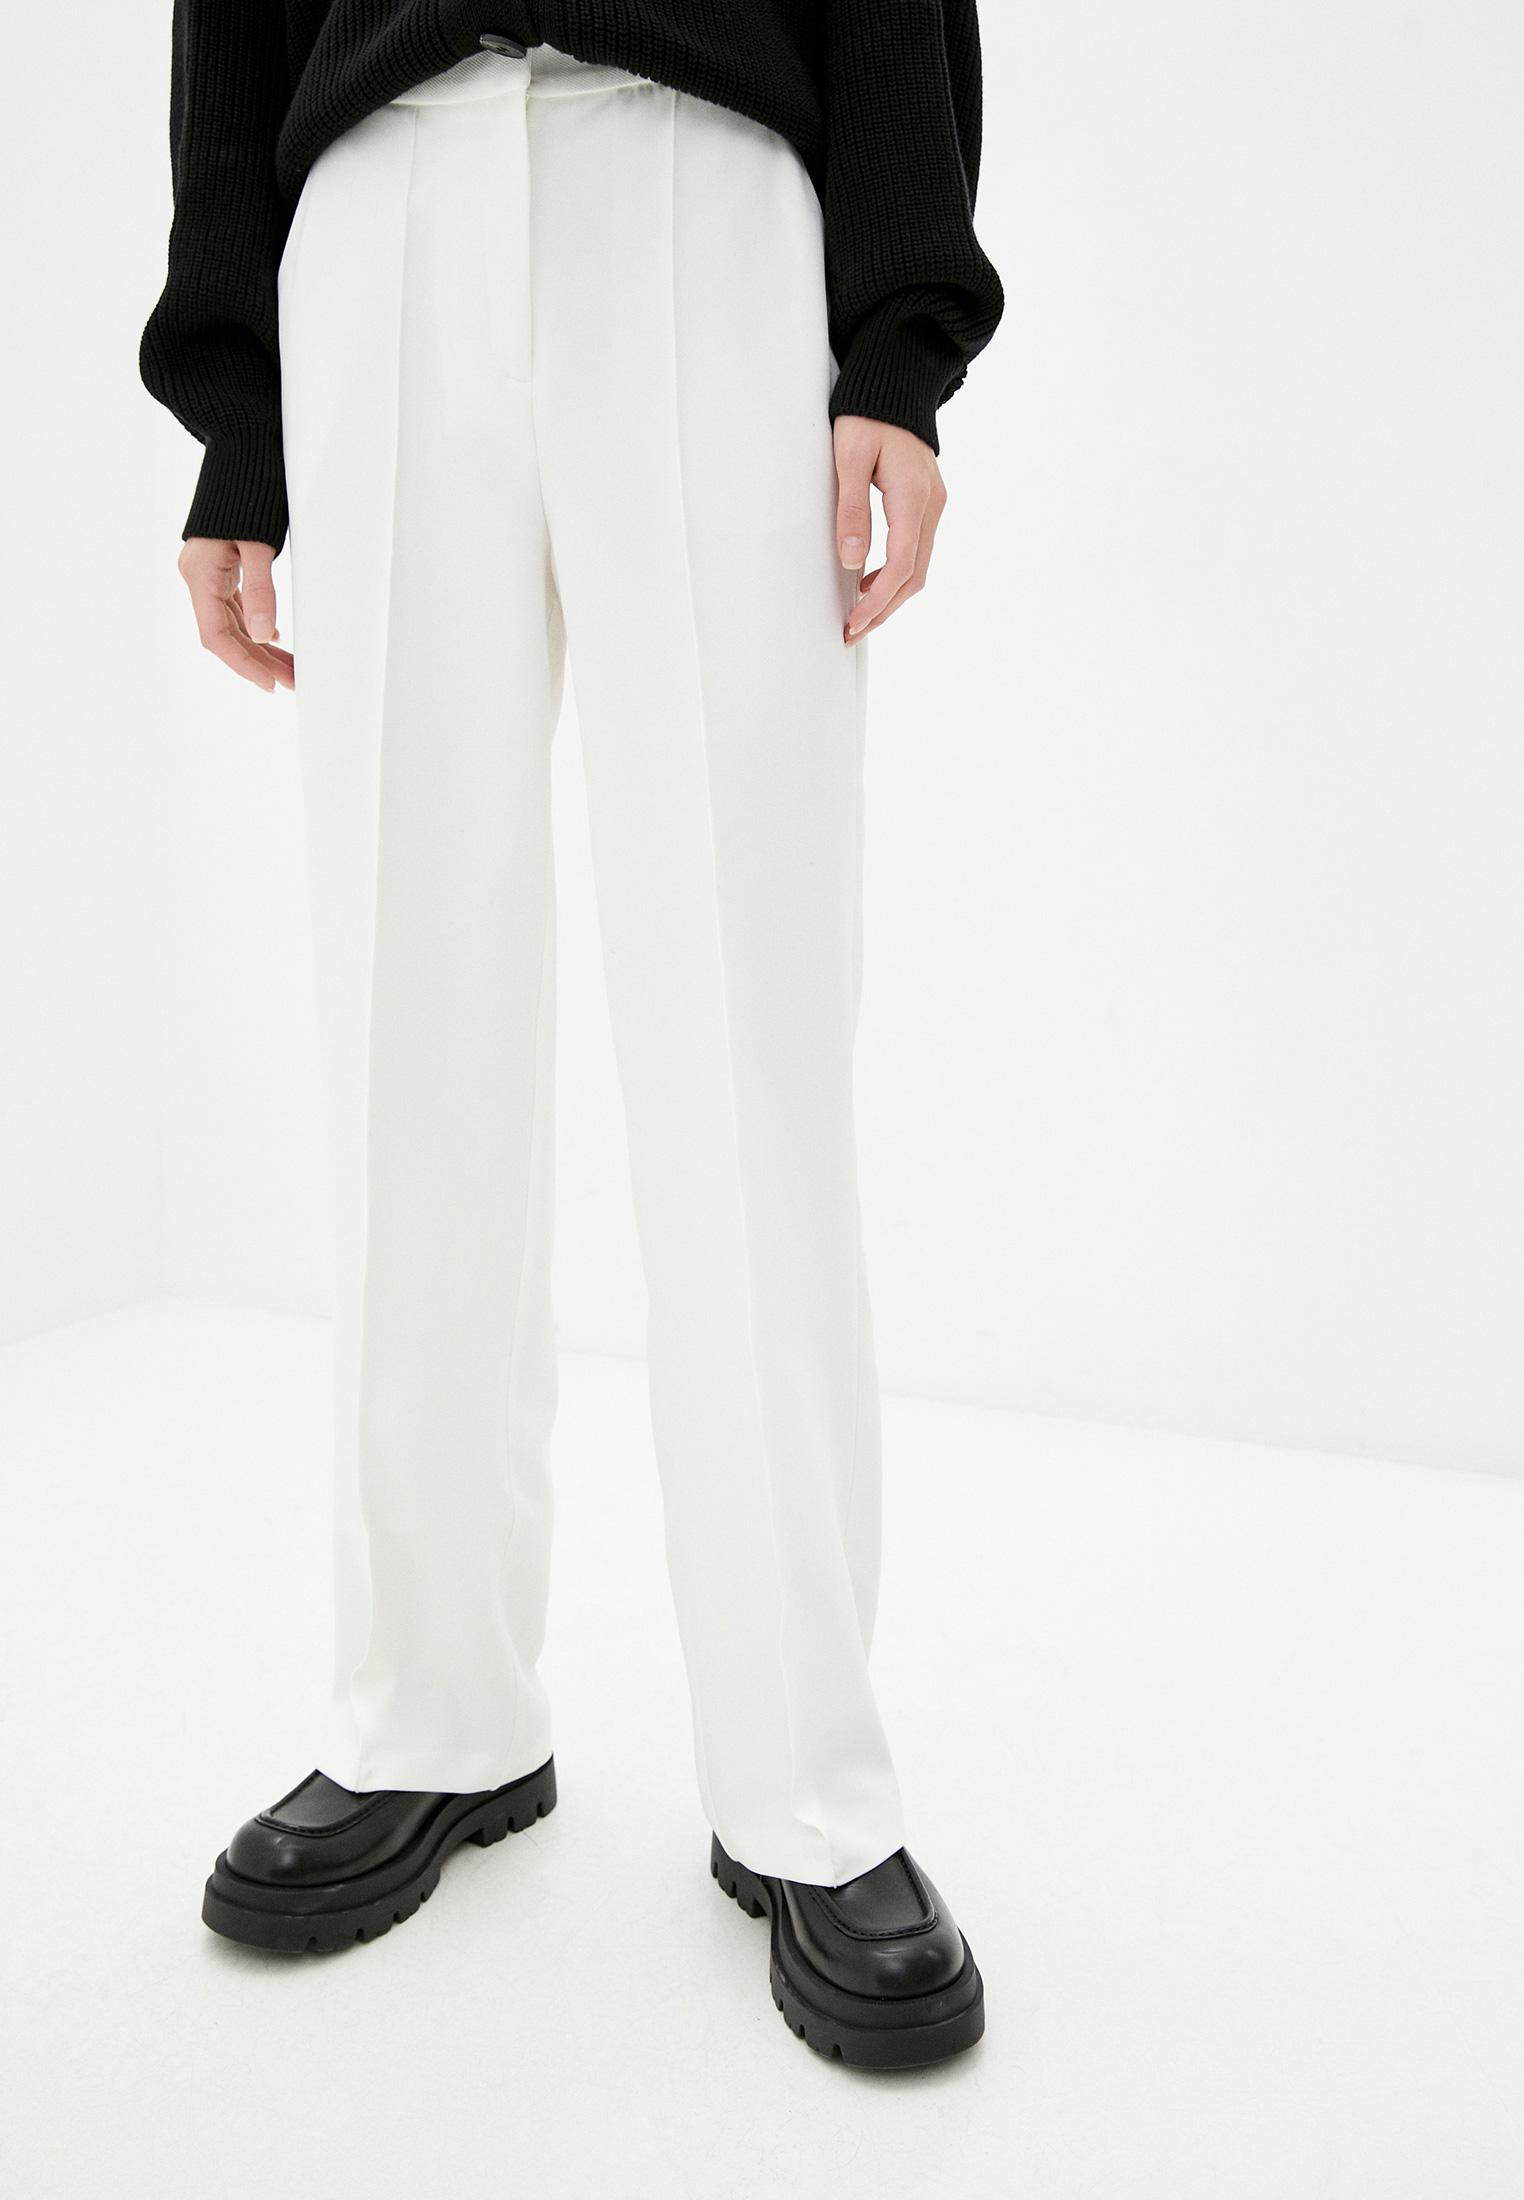 Женские широкие и расклешенные брюки Topshop (Топ Шоп) Брюки Topshop